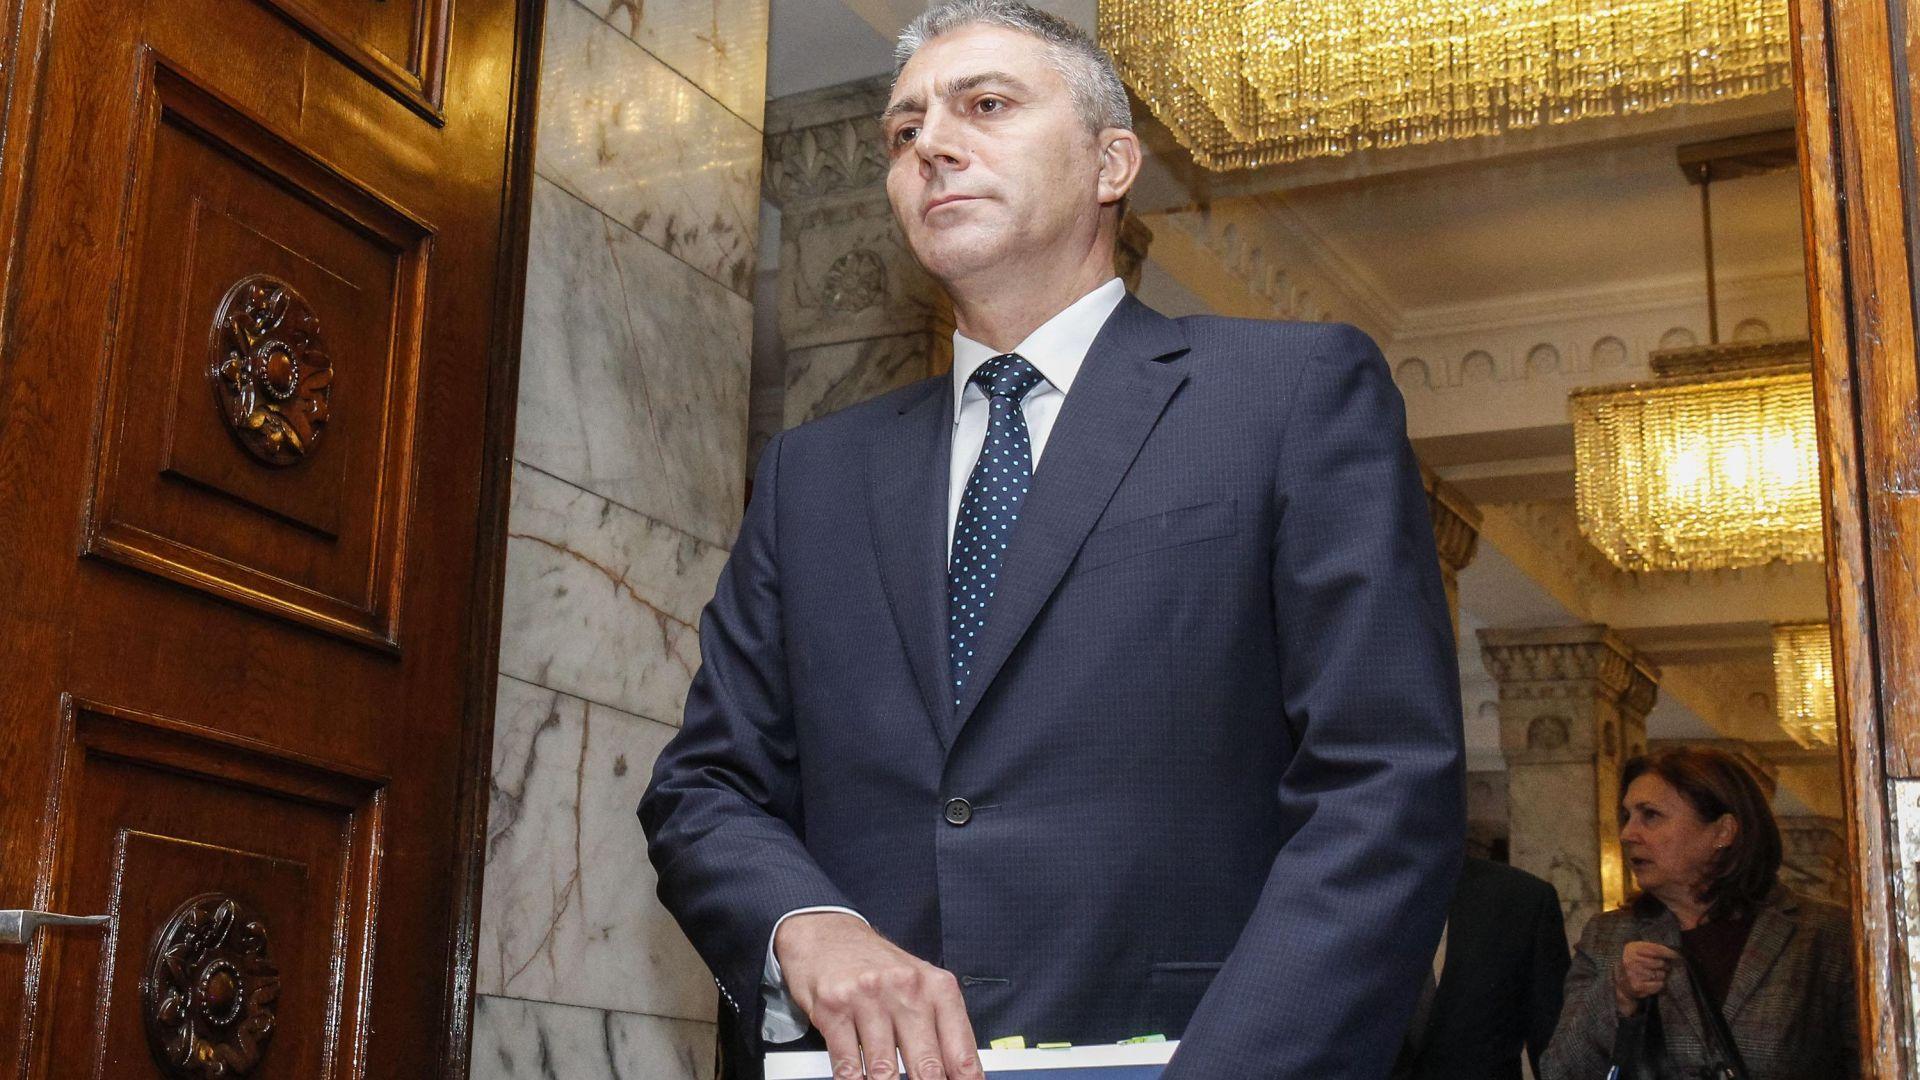 Димитър Аврамов: След тези скандали ДПС може да извади неочаквано висок резултат